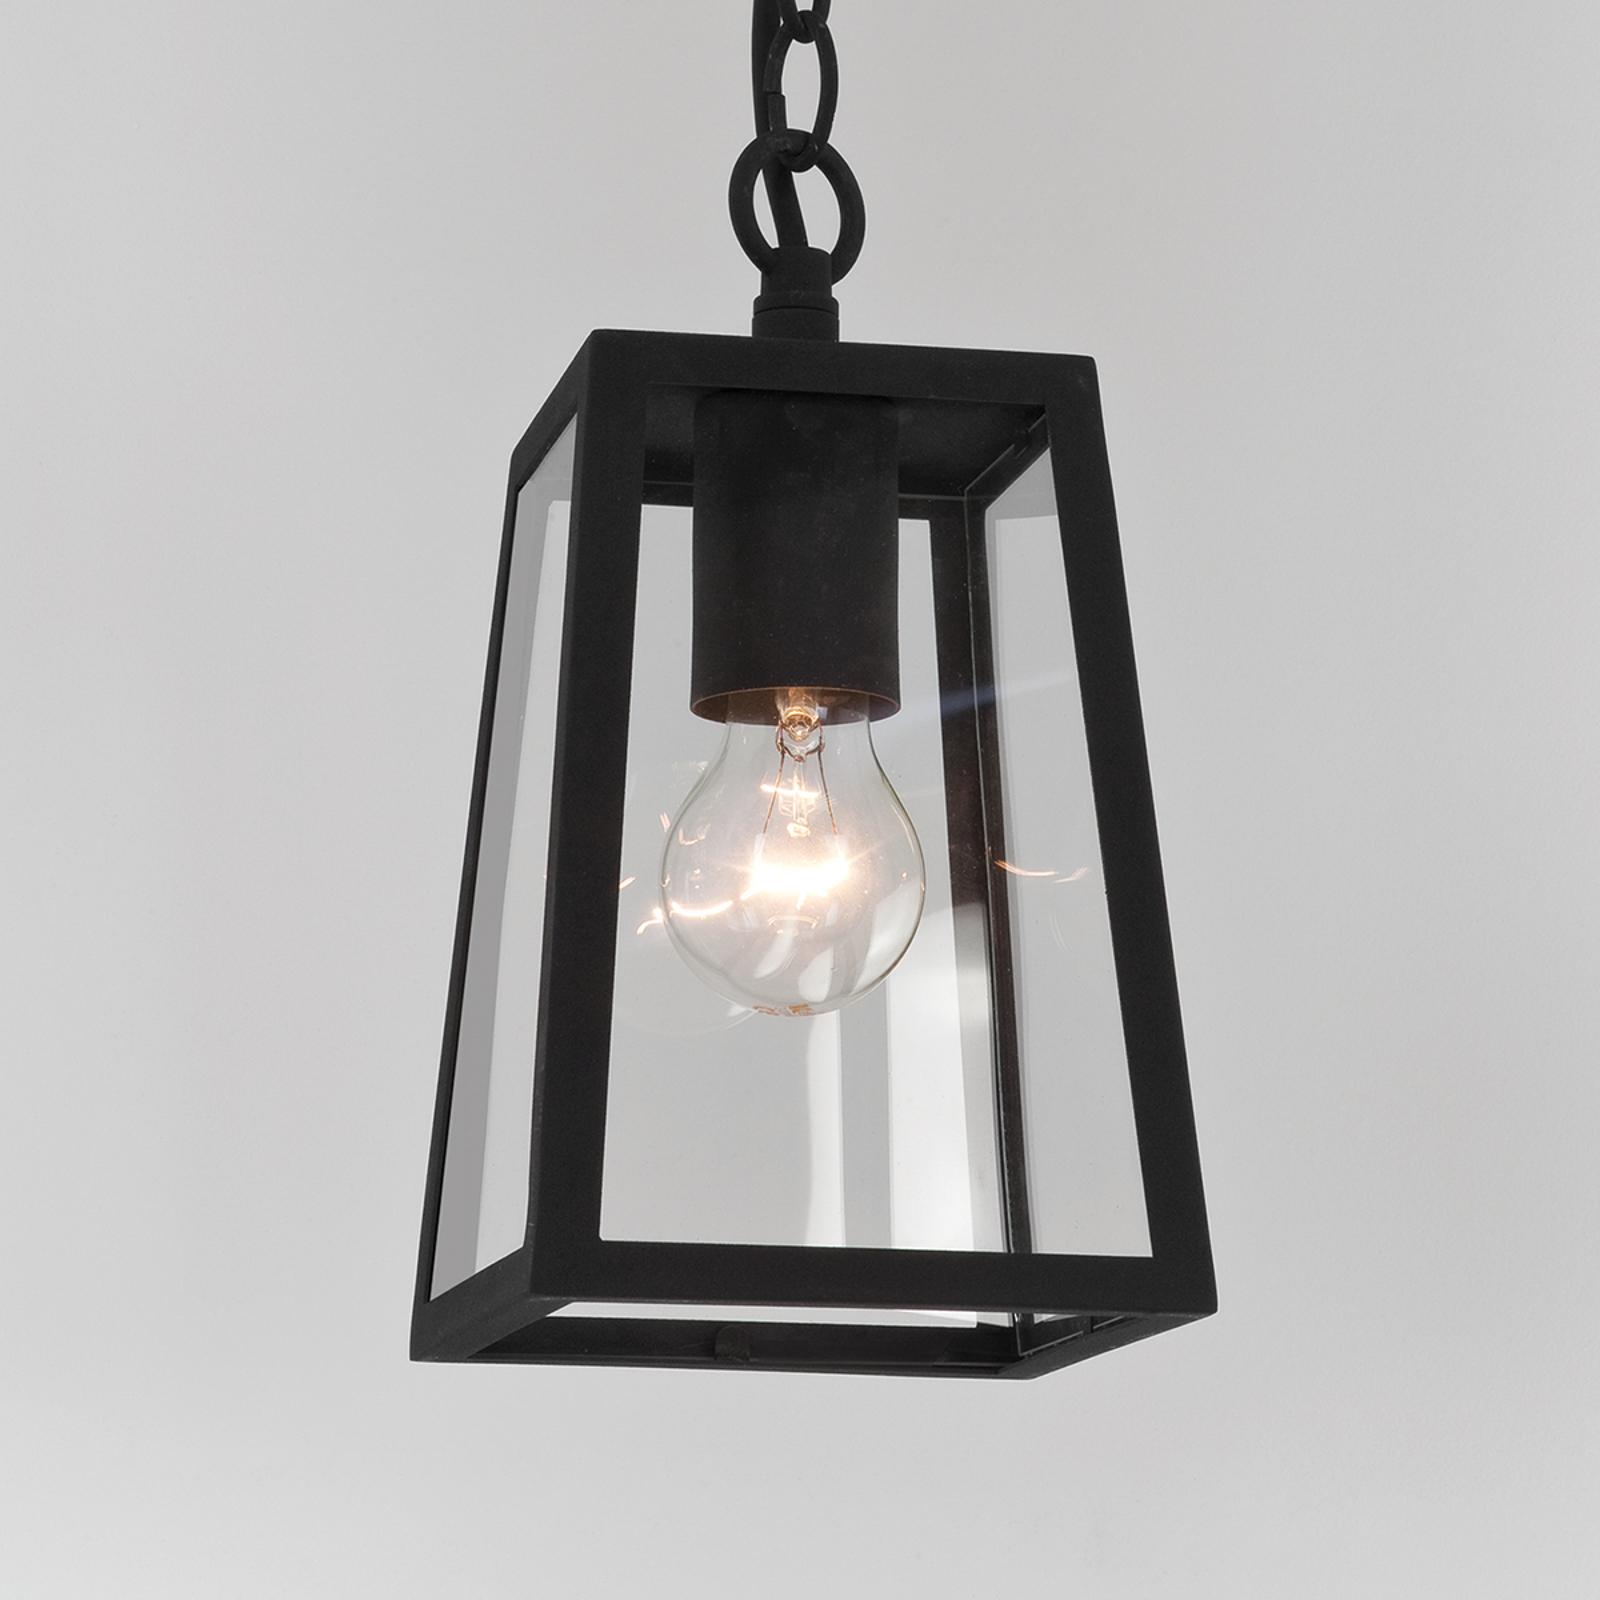 Hanglamp Calvi voor buiten met zwart kader